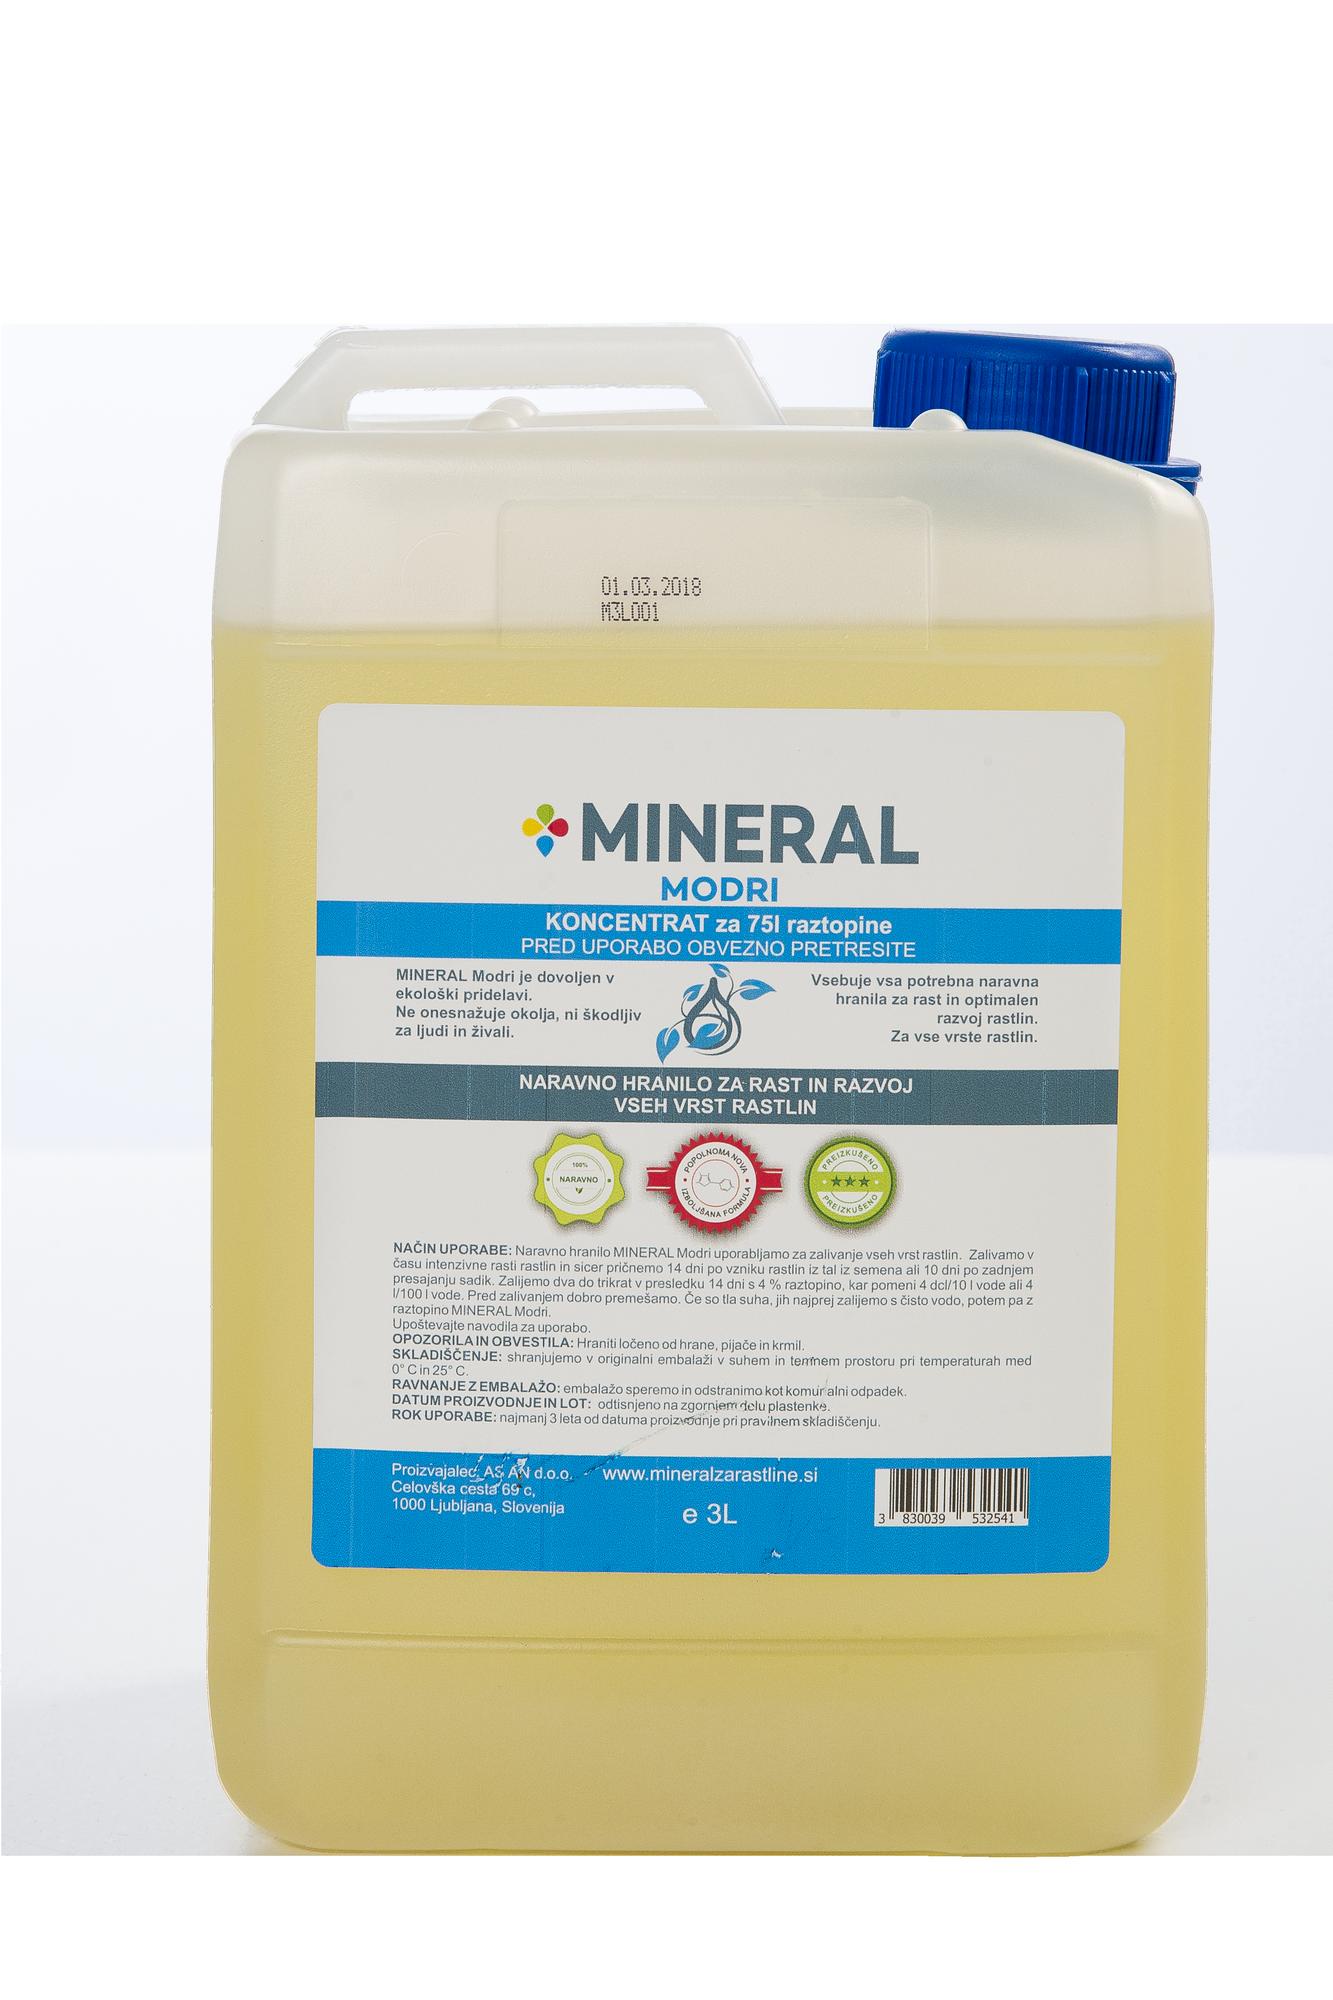 mineral_modri-3L